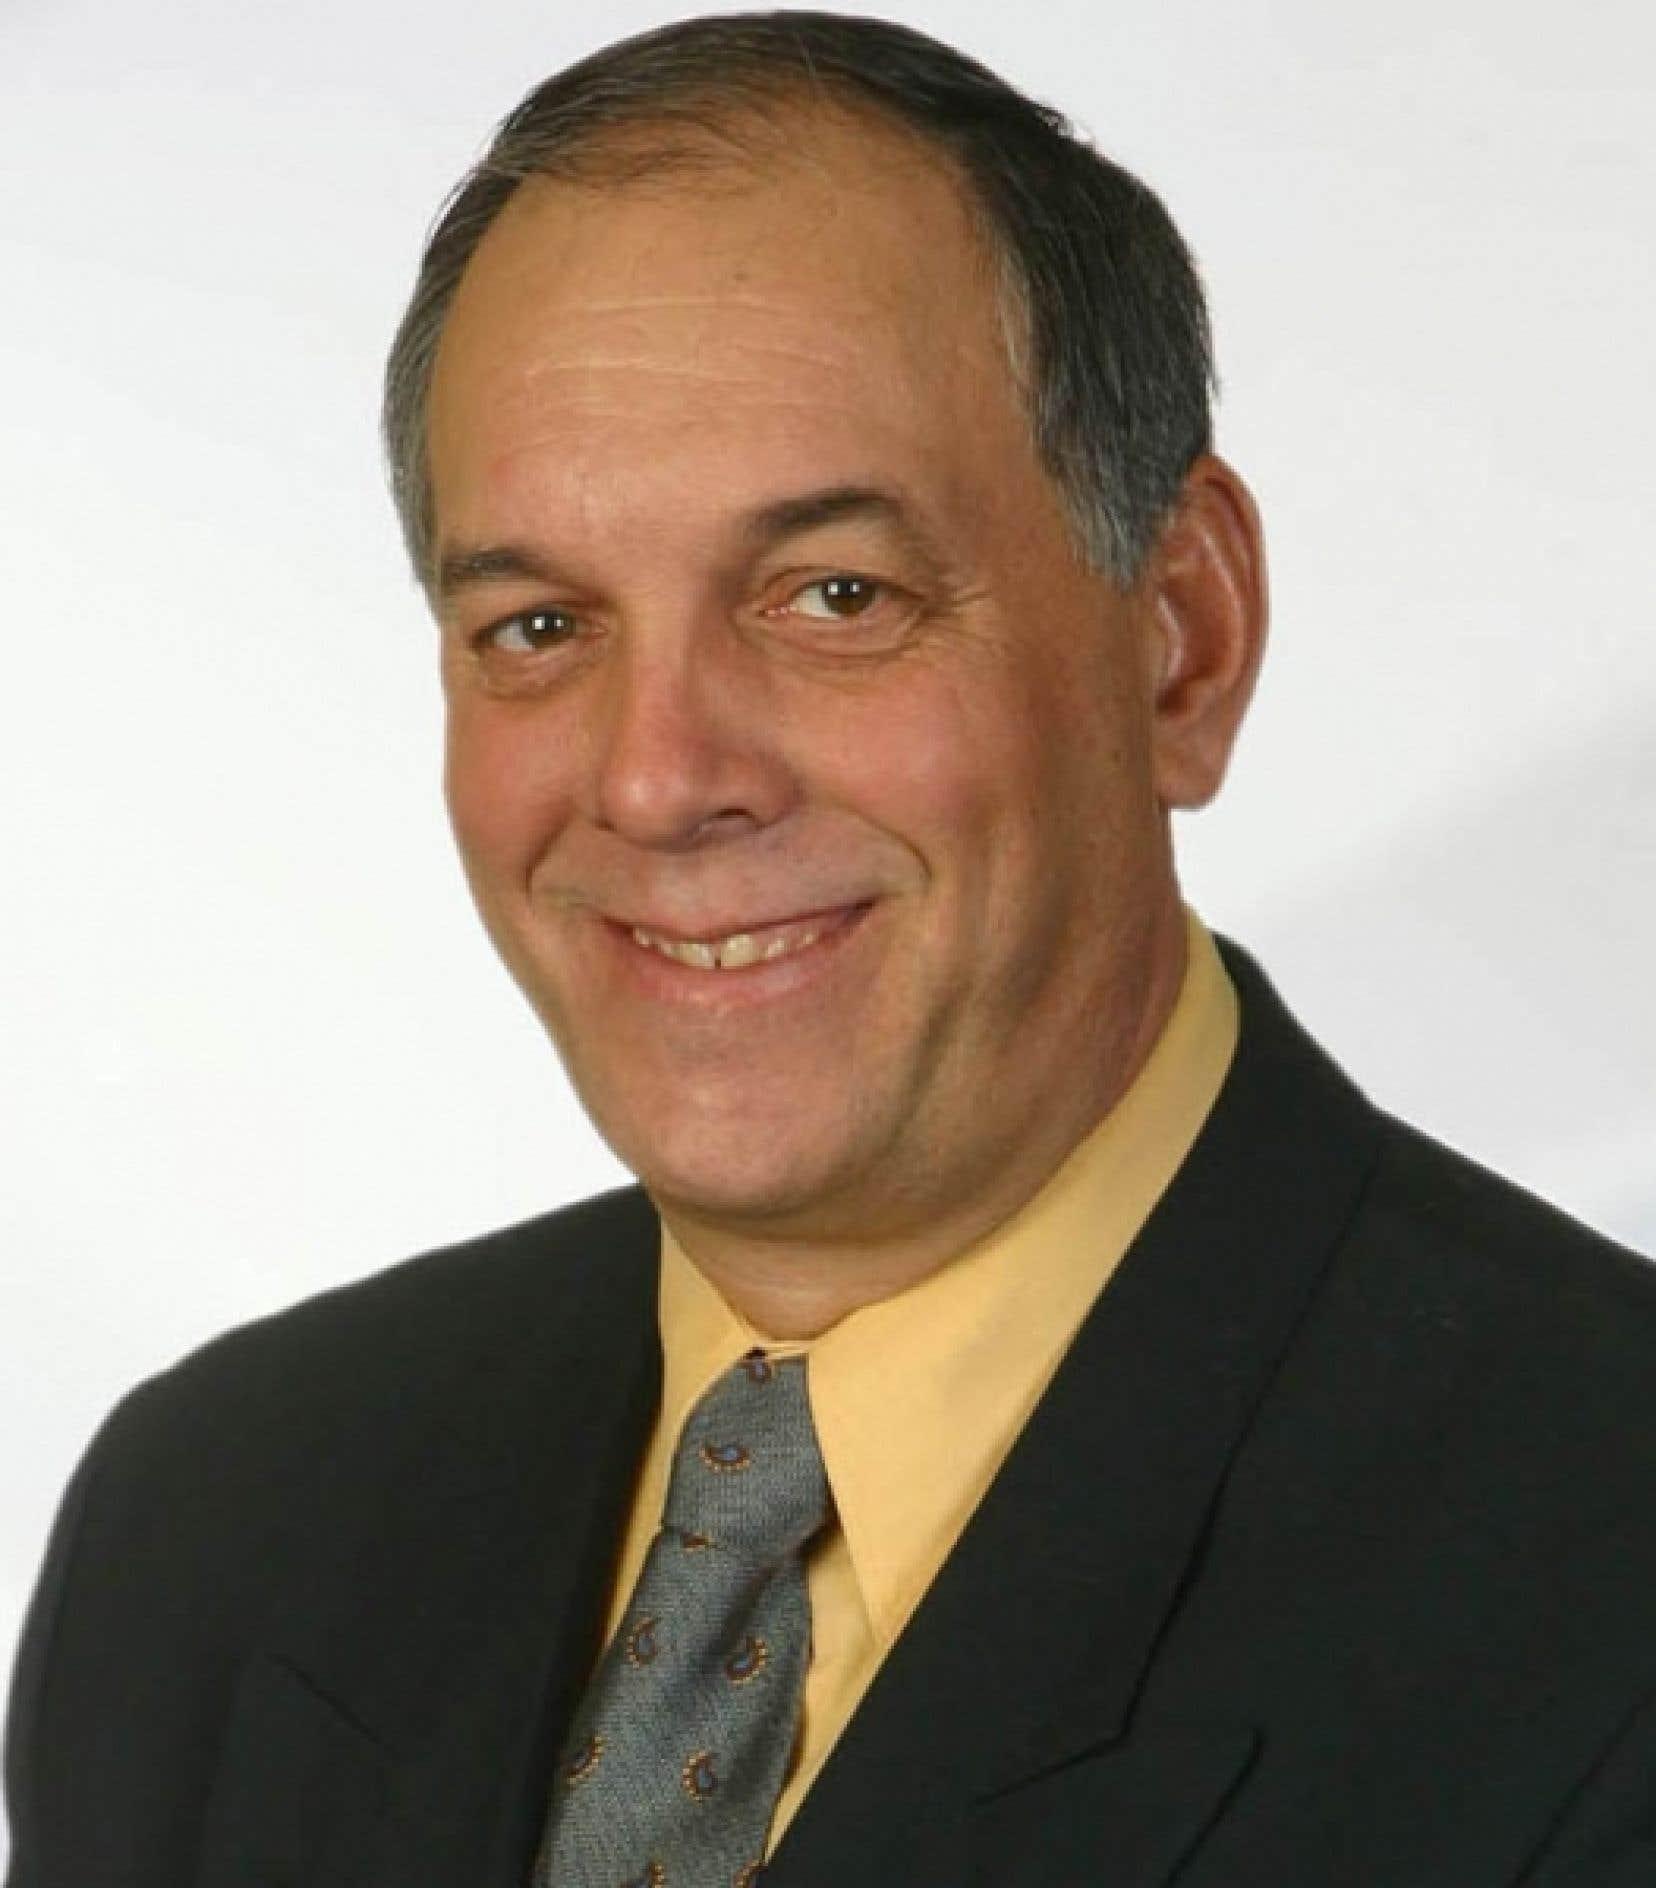 Michel Lavoie est maire de Saint-Rémi depuis 2005. Il a tenté sa chance sur la scène provinciale aux côtés de Mario Dumont, de l'Action démocratique du Québec. Il a mordu la poussière, se contentant d'une troisième place dans la circonscription de Huntingdon.